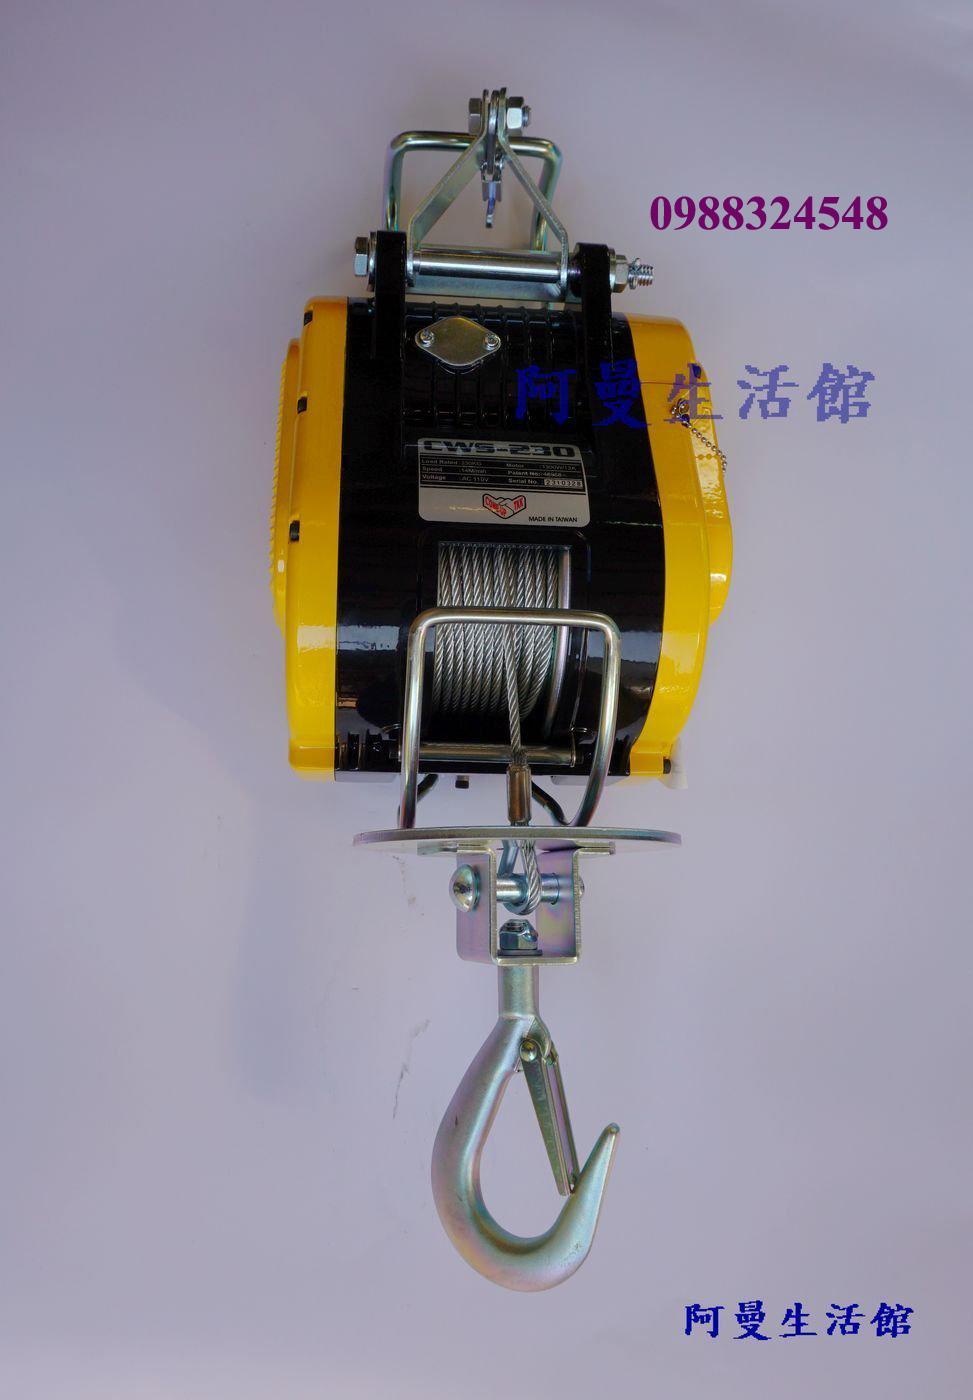 Tời cáp điện comeup CWS-230